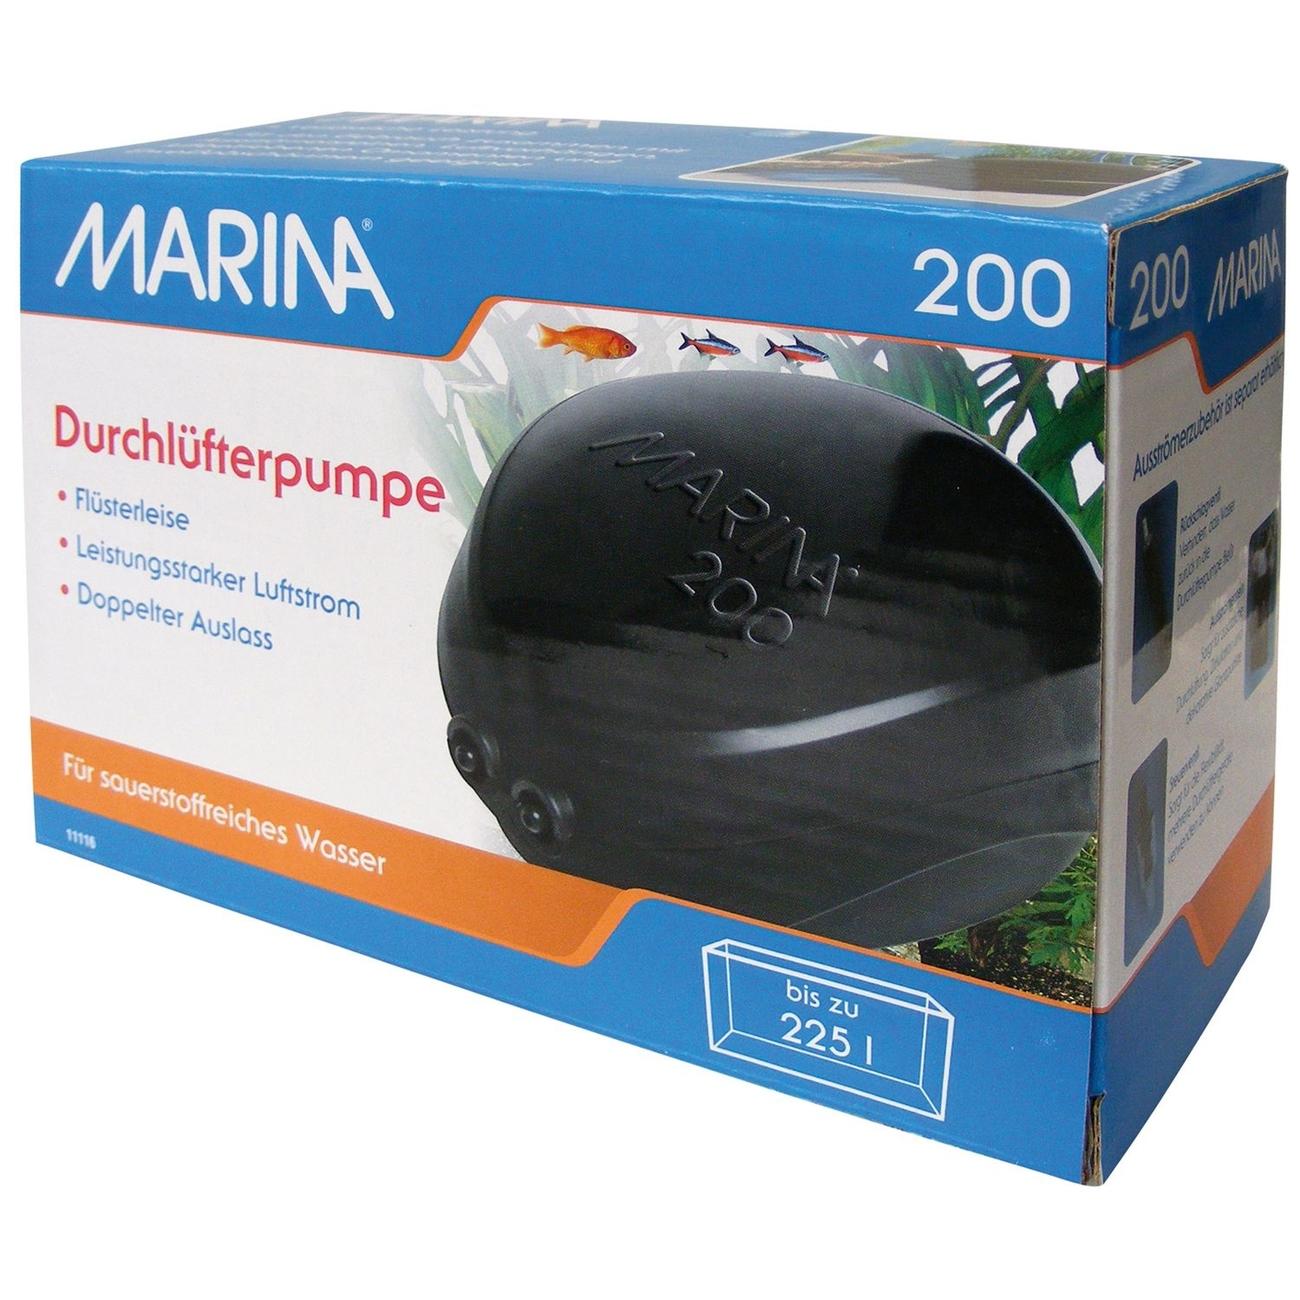 Marina Durchlüfterpumpe, Bild 4